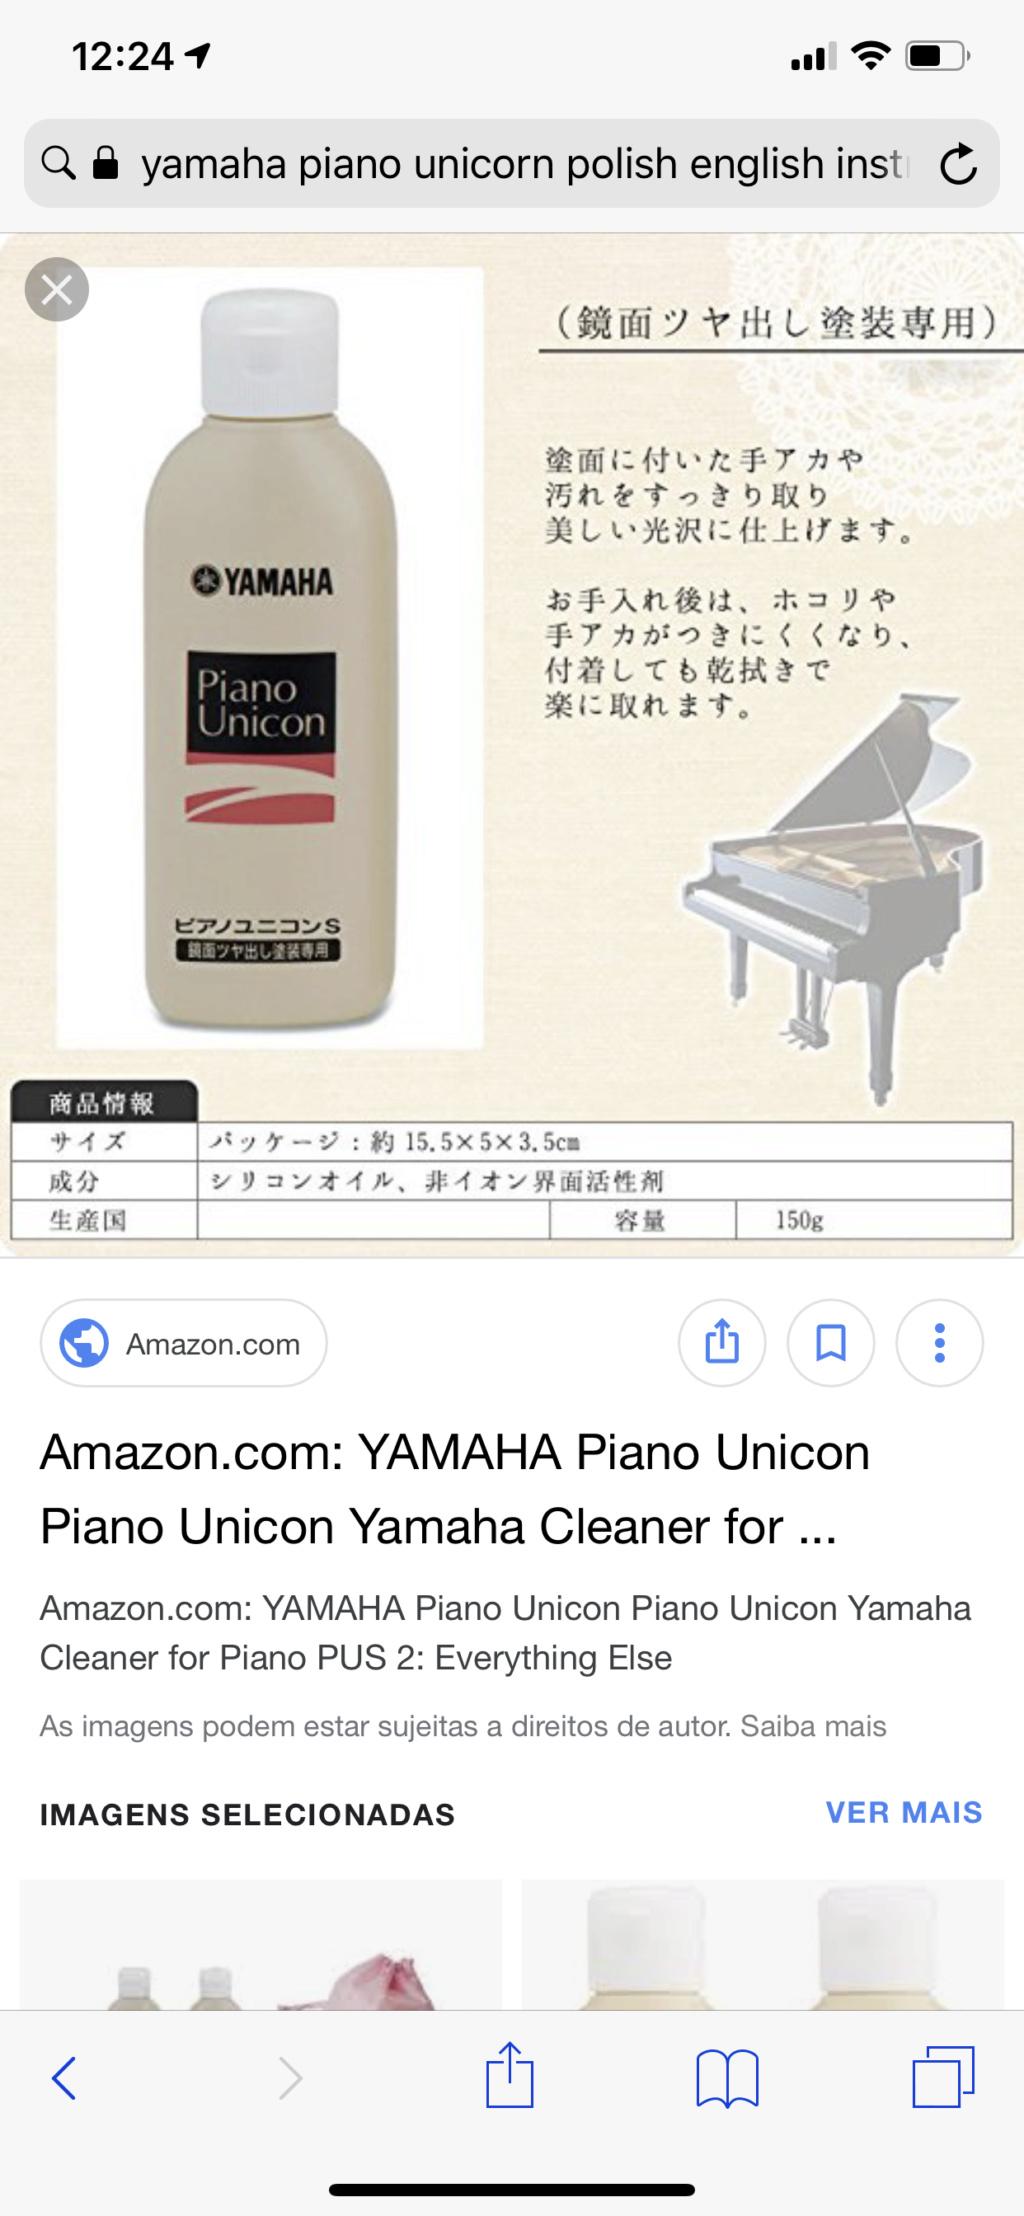 Limpeza de aparelhos 4c011110